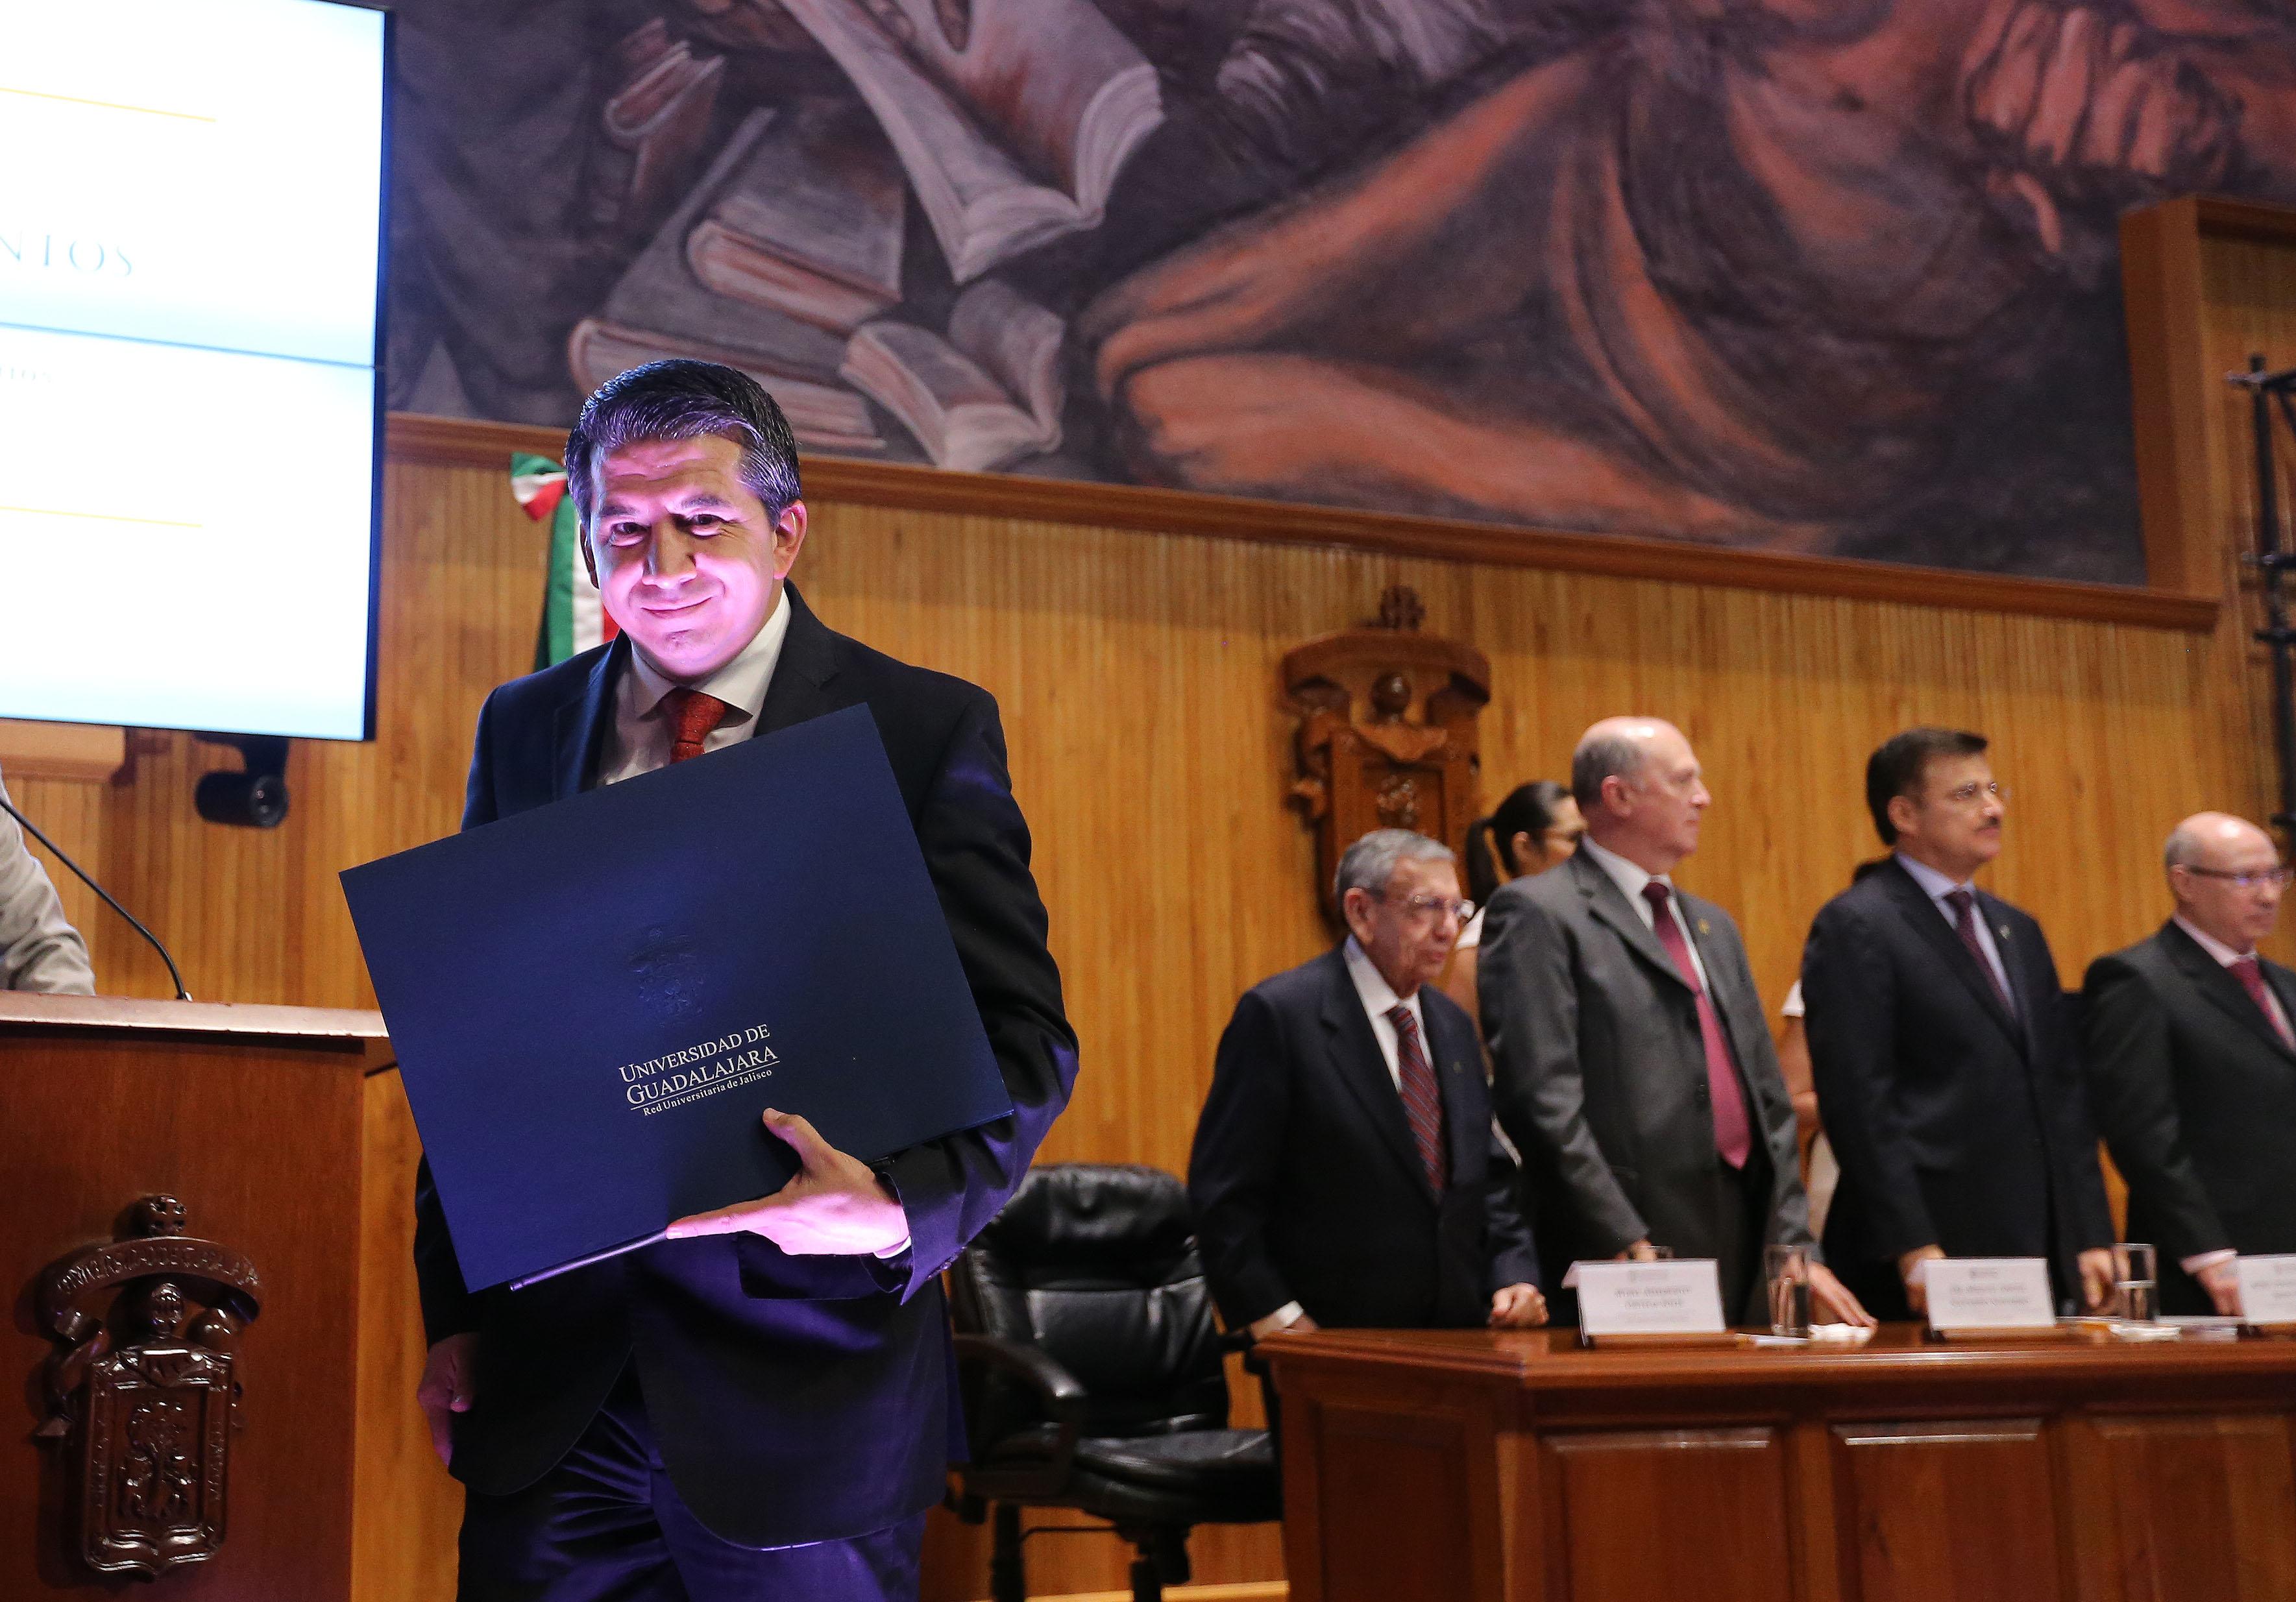 Maestro José Alberto Castellanos Gutiérrez, mostrando la carpeta de su  nombramiento, donde se le rectifico como Rectro del centro universitario de Ciencias Económico Administrativas (CUCEA).